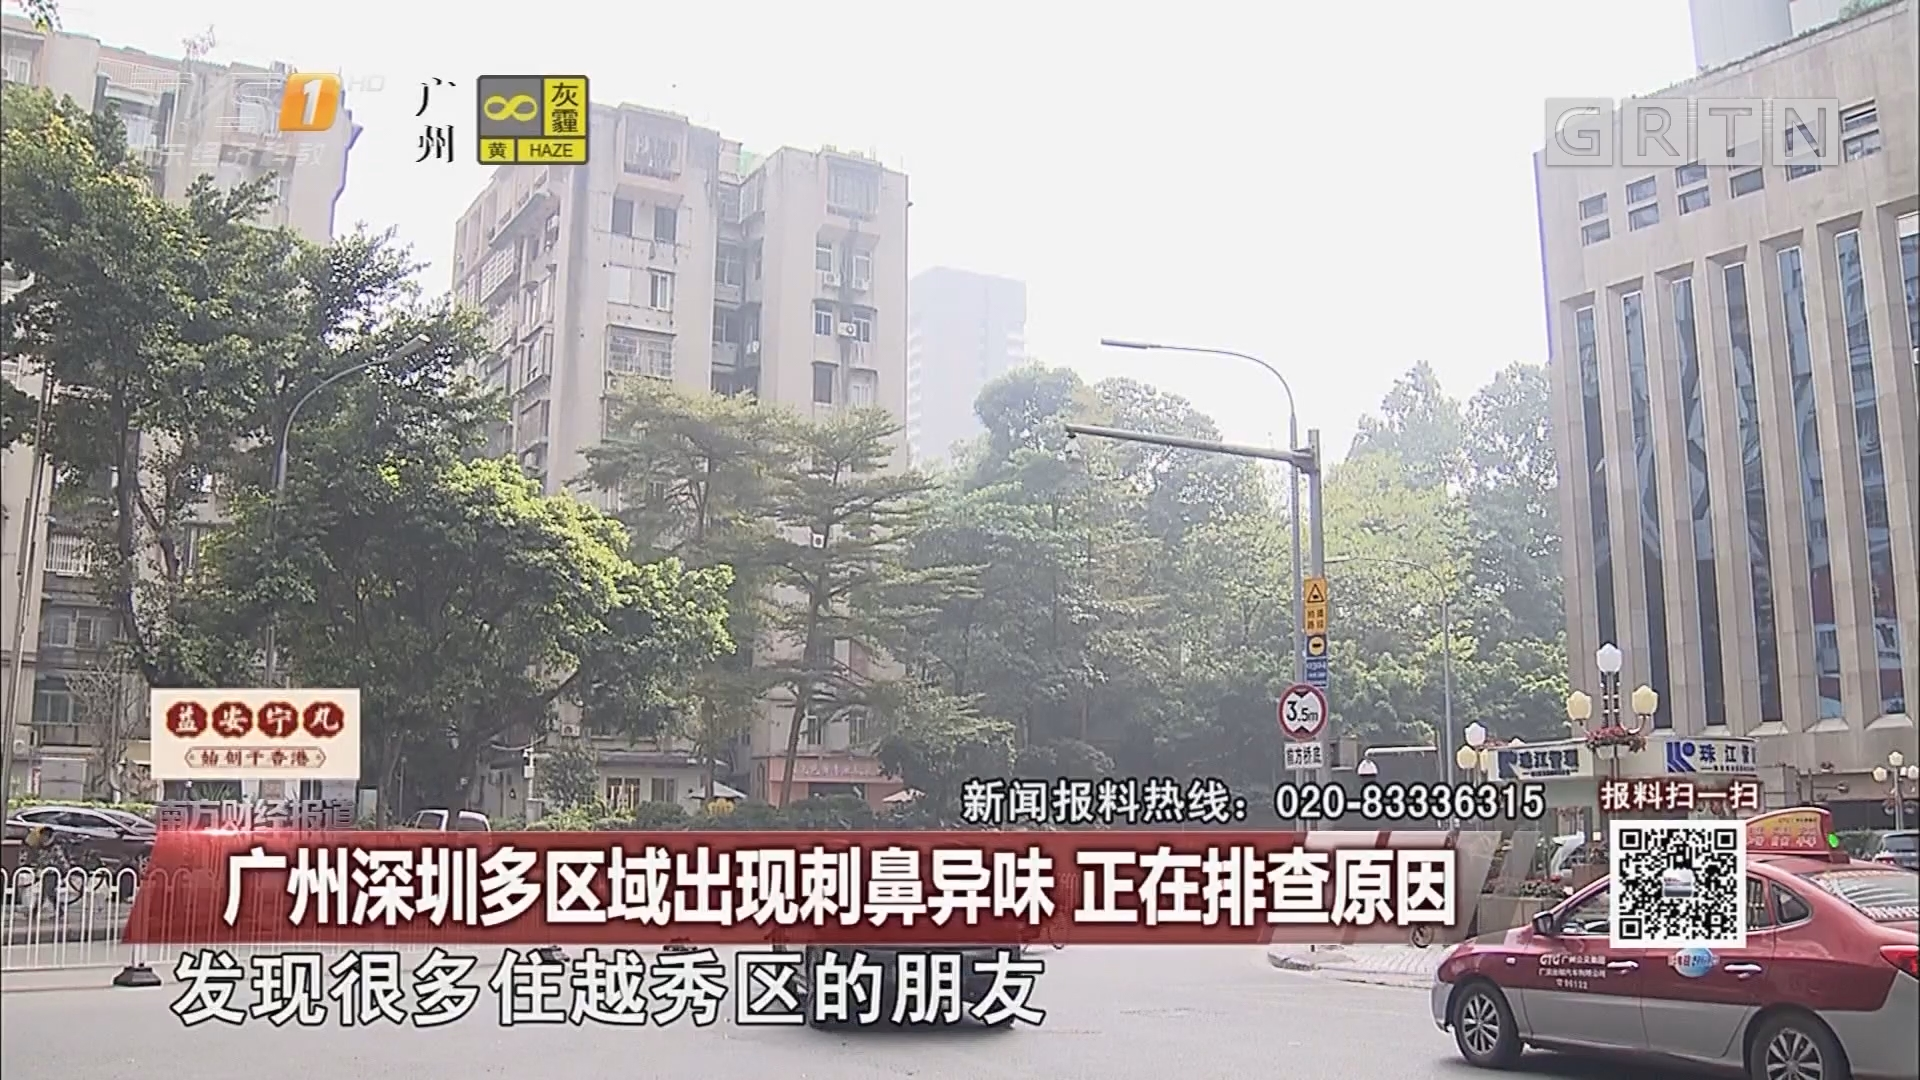 广州深圳多区域出现刺鼻异味 正在排查原因